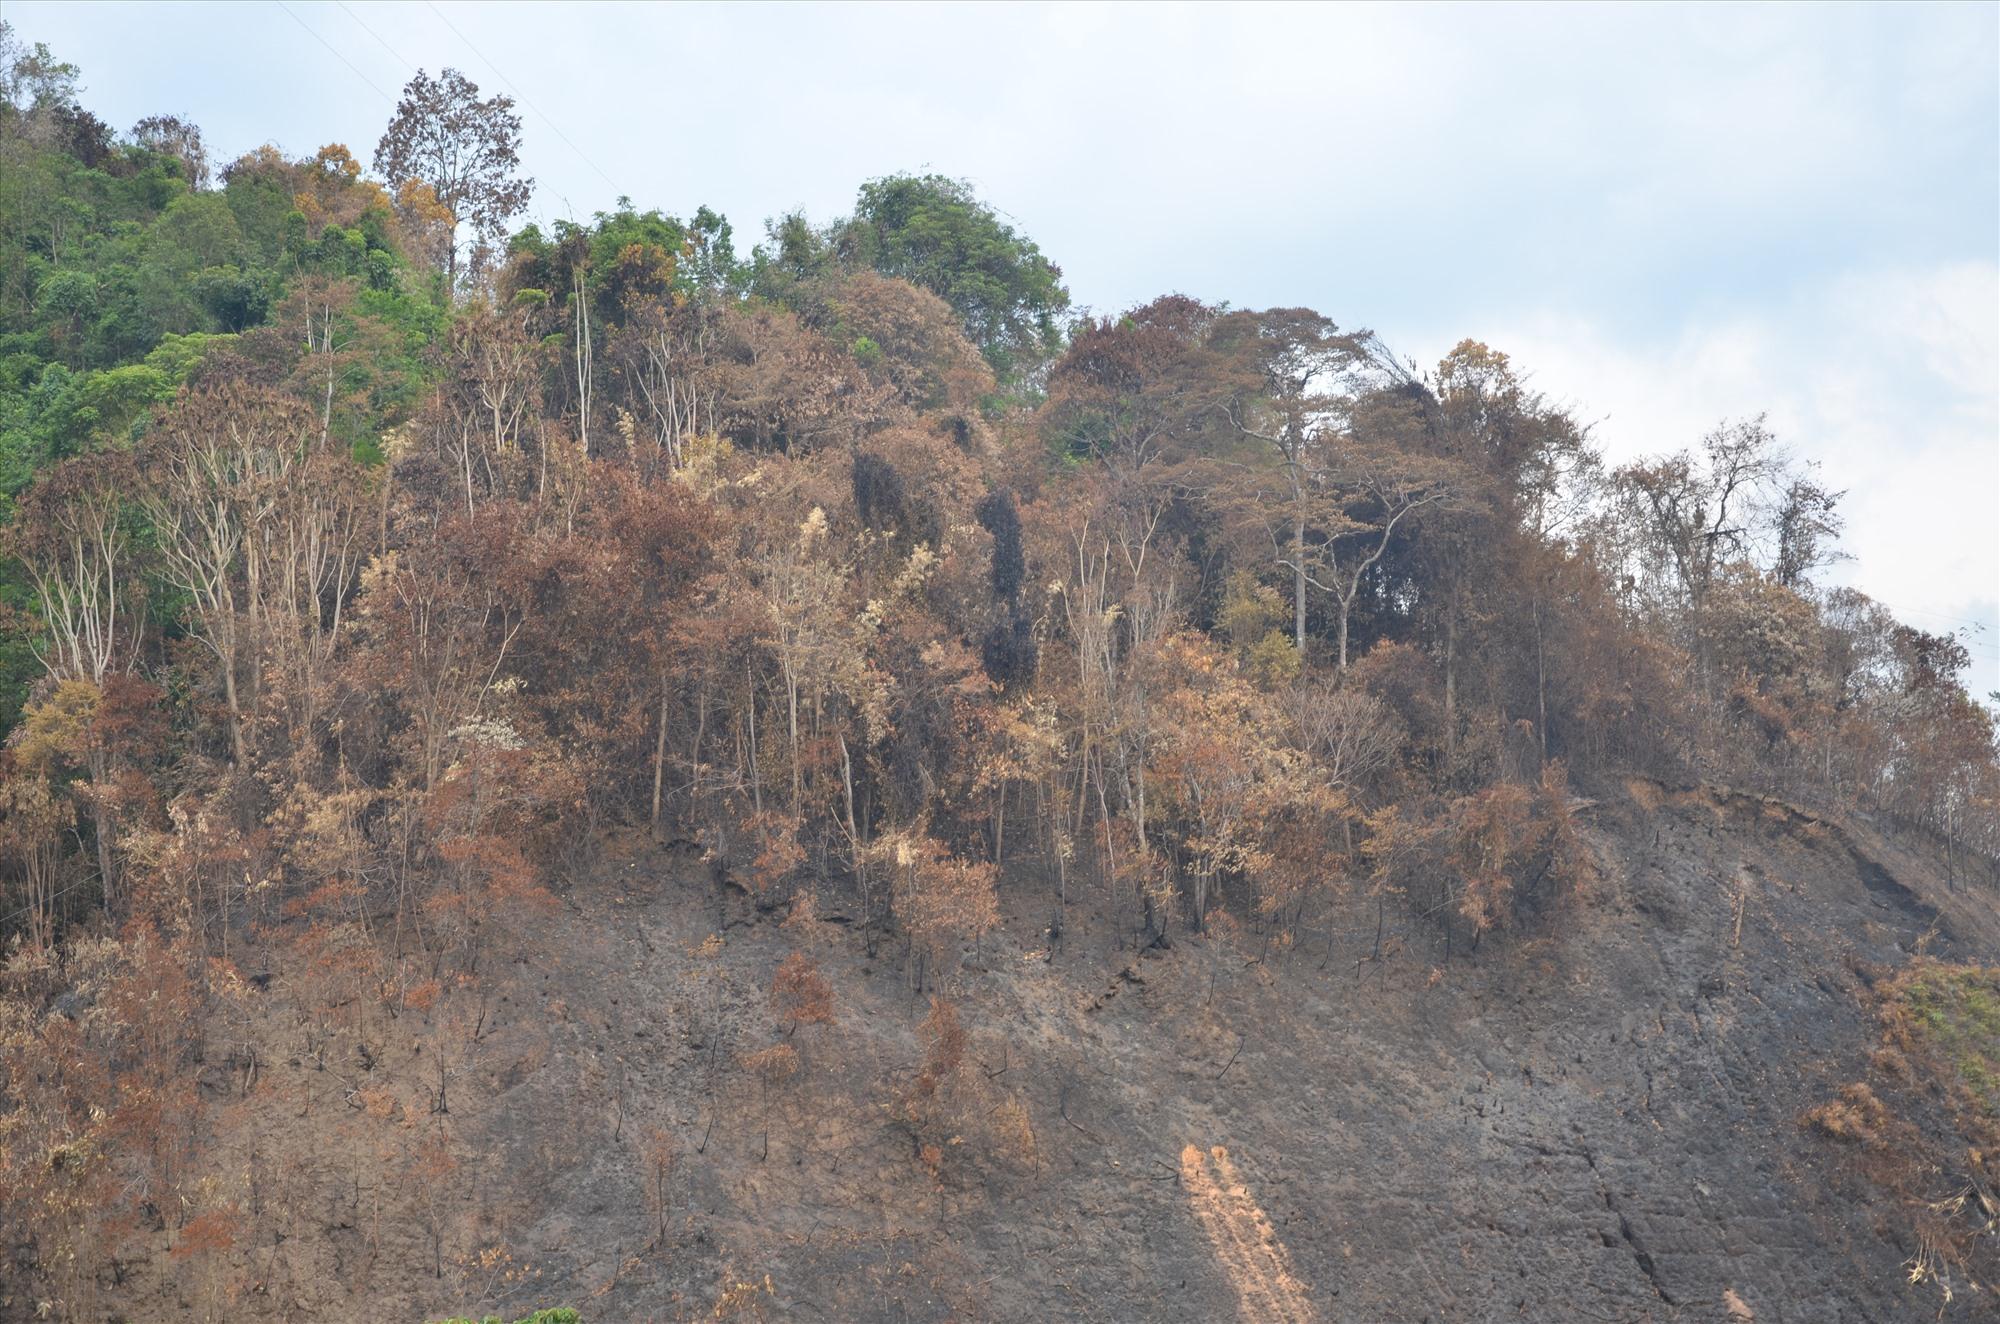 Vụ cháy rừng vào mùa khô năm ngoái thiêu rụi hơn 33ha rừng phòng hộ xã Mà Cooih (Đông Giang). Ảnh: H.P